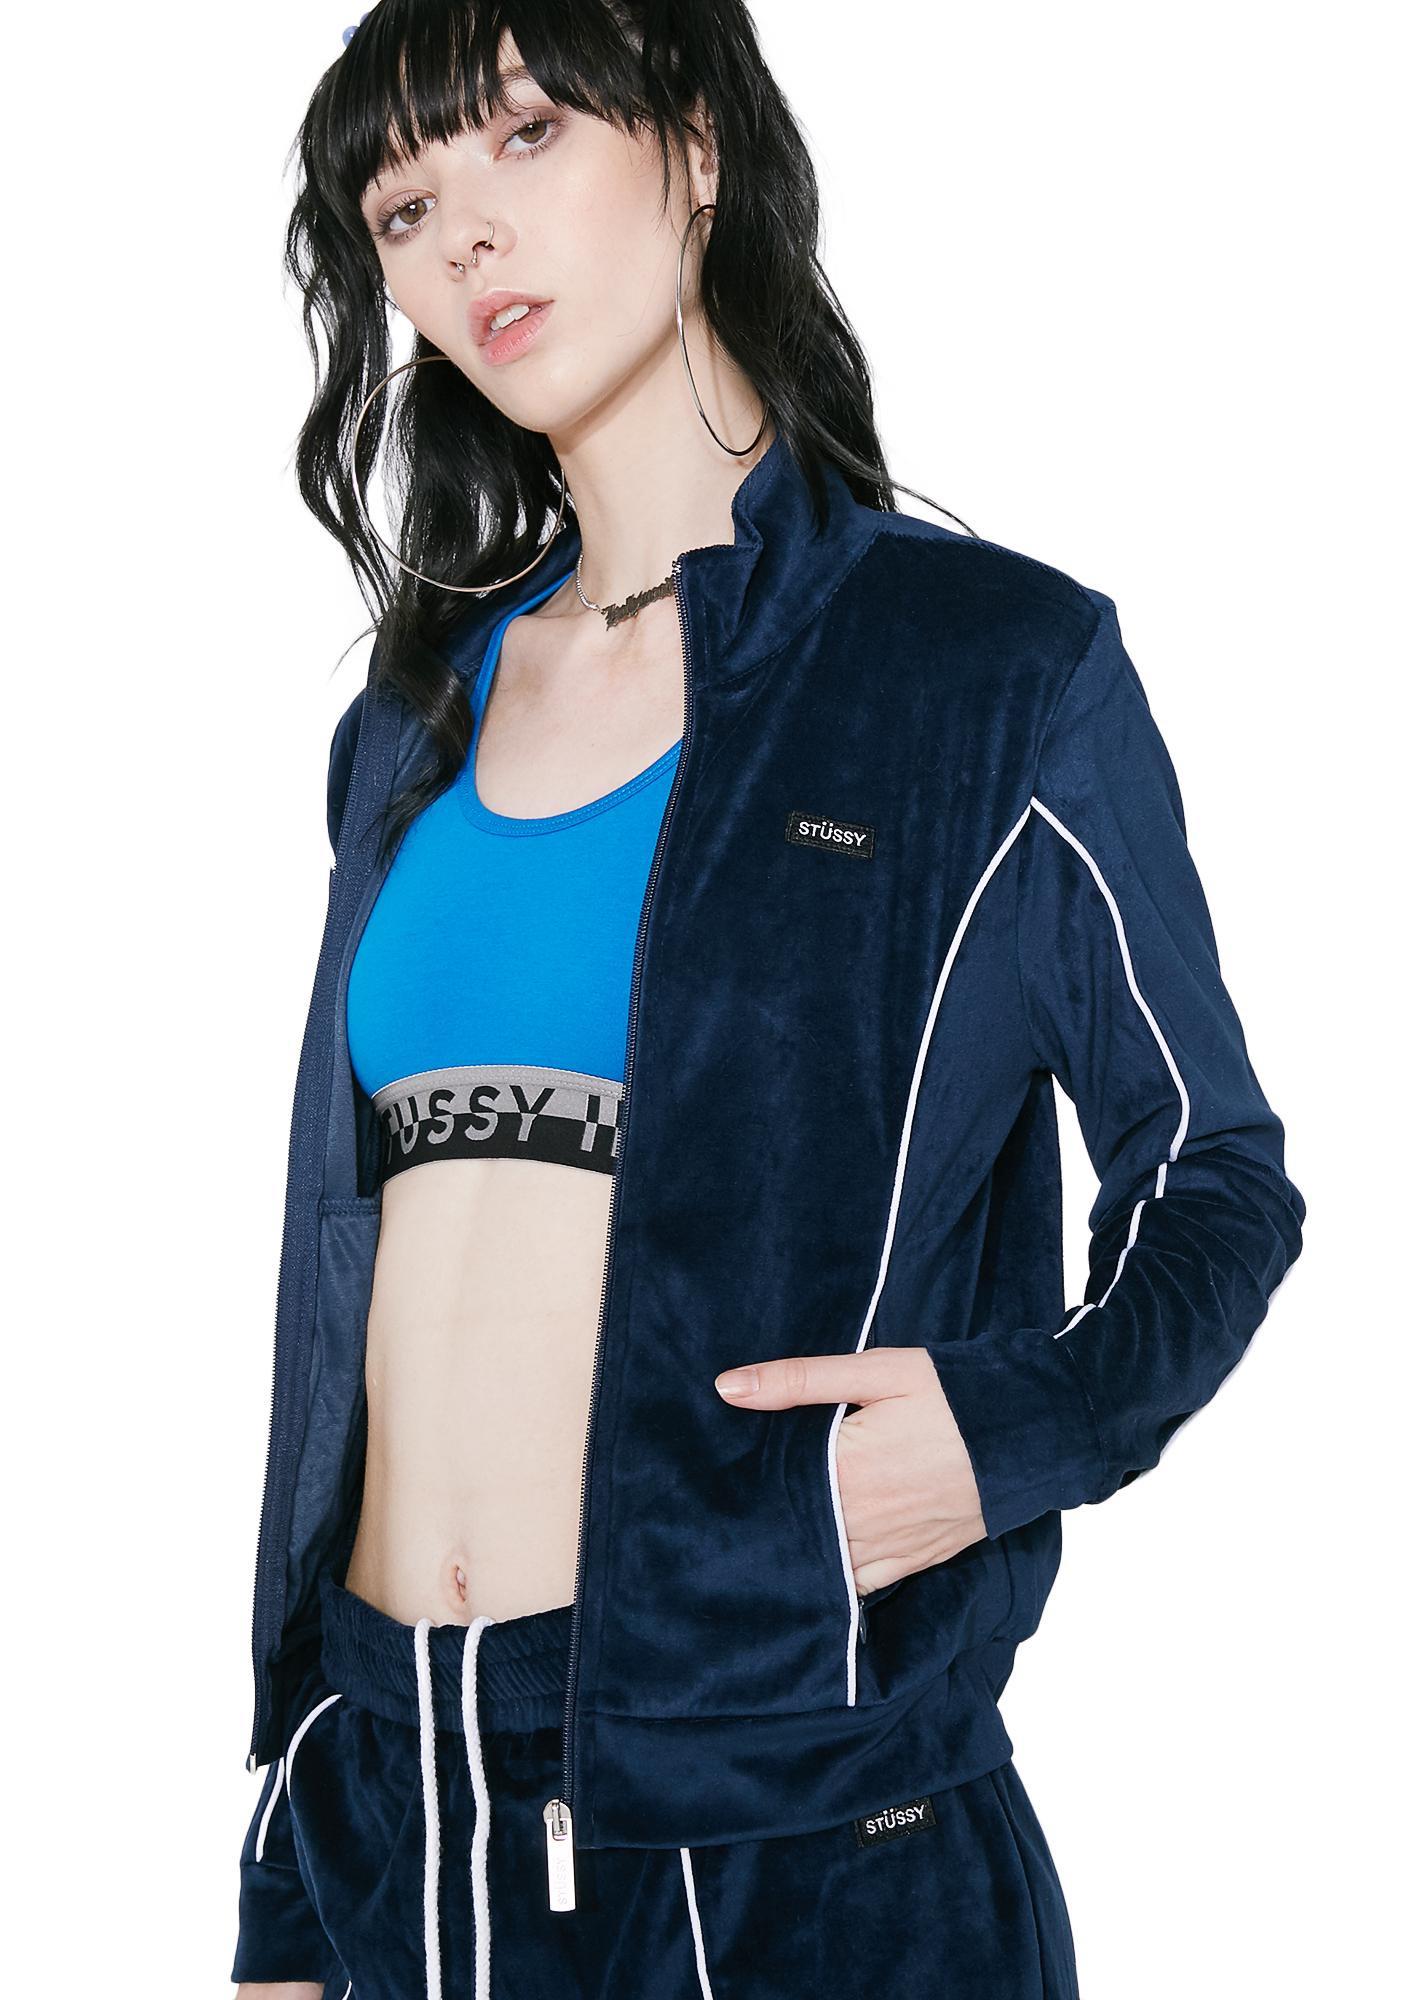 Stussy navy jacket